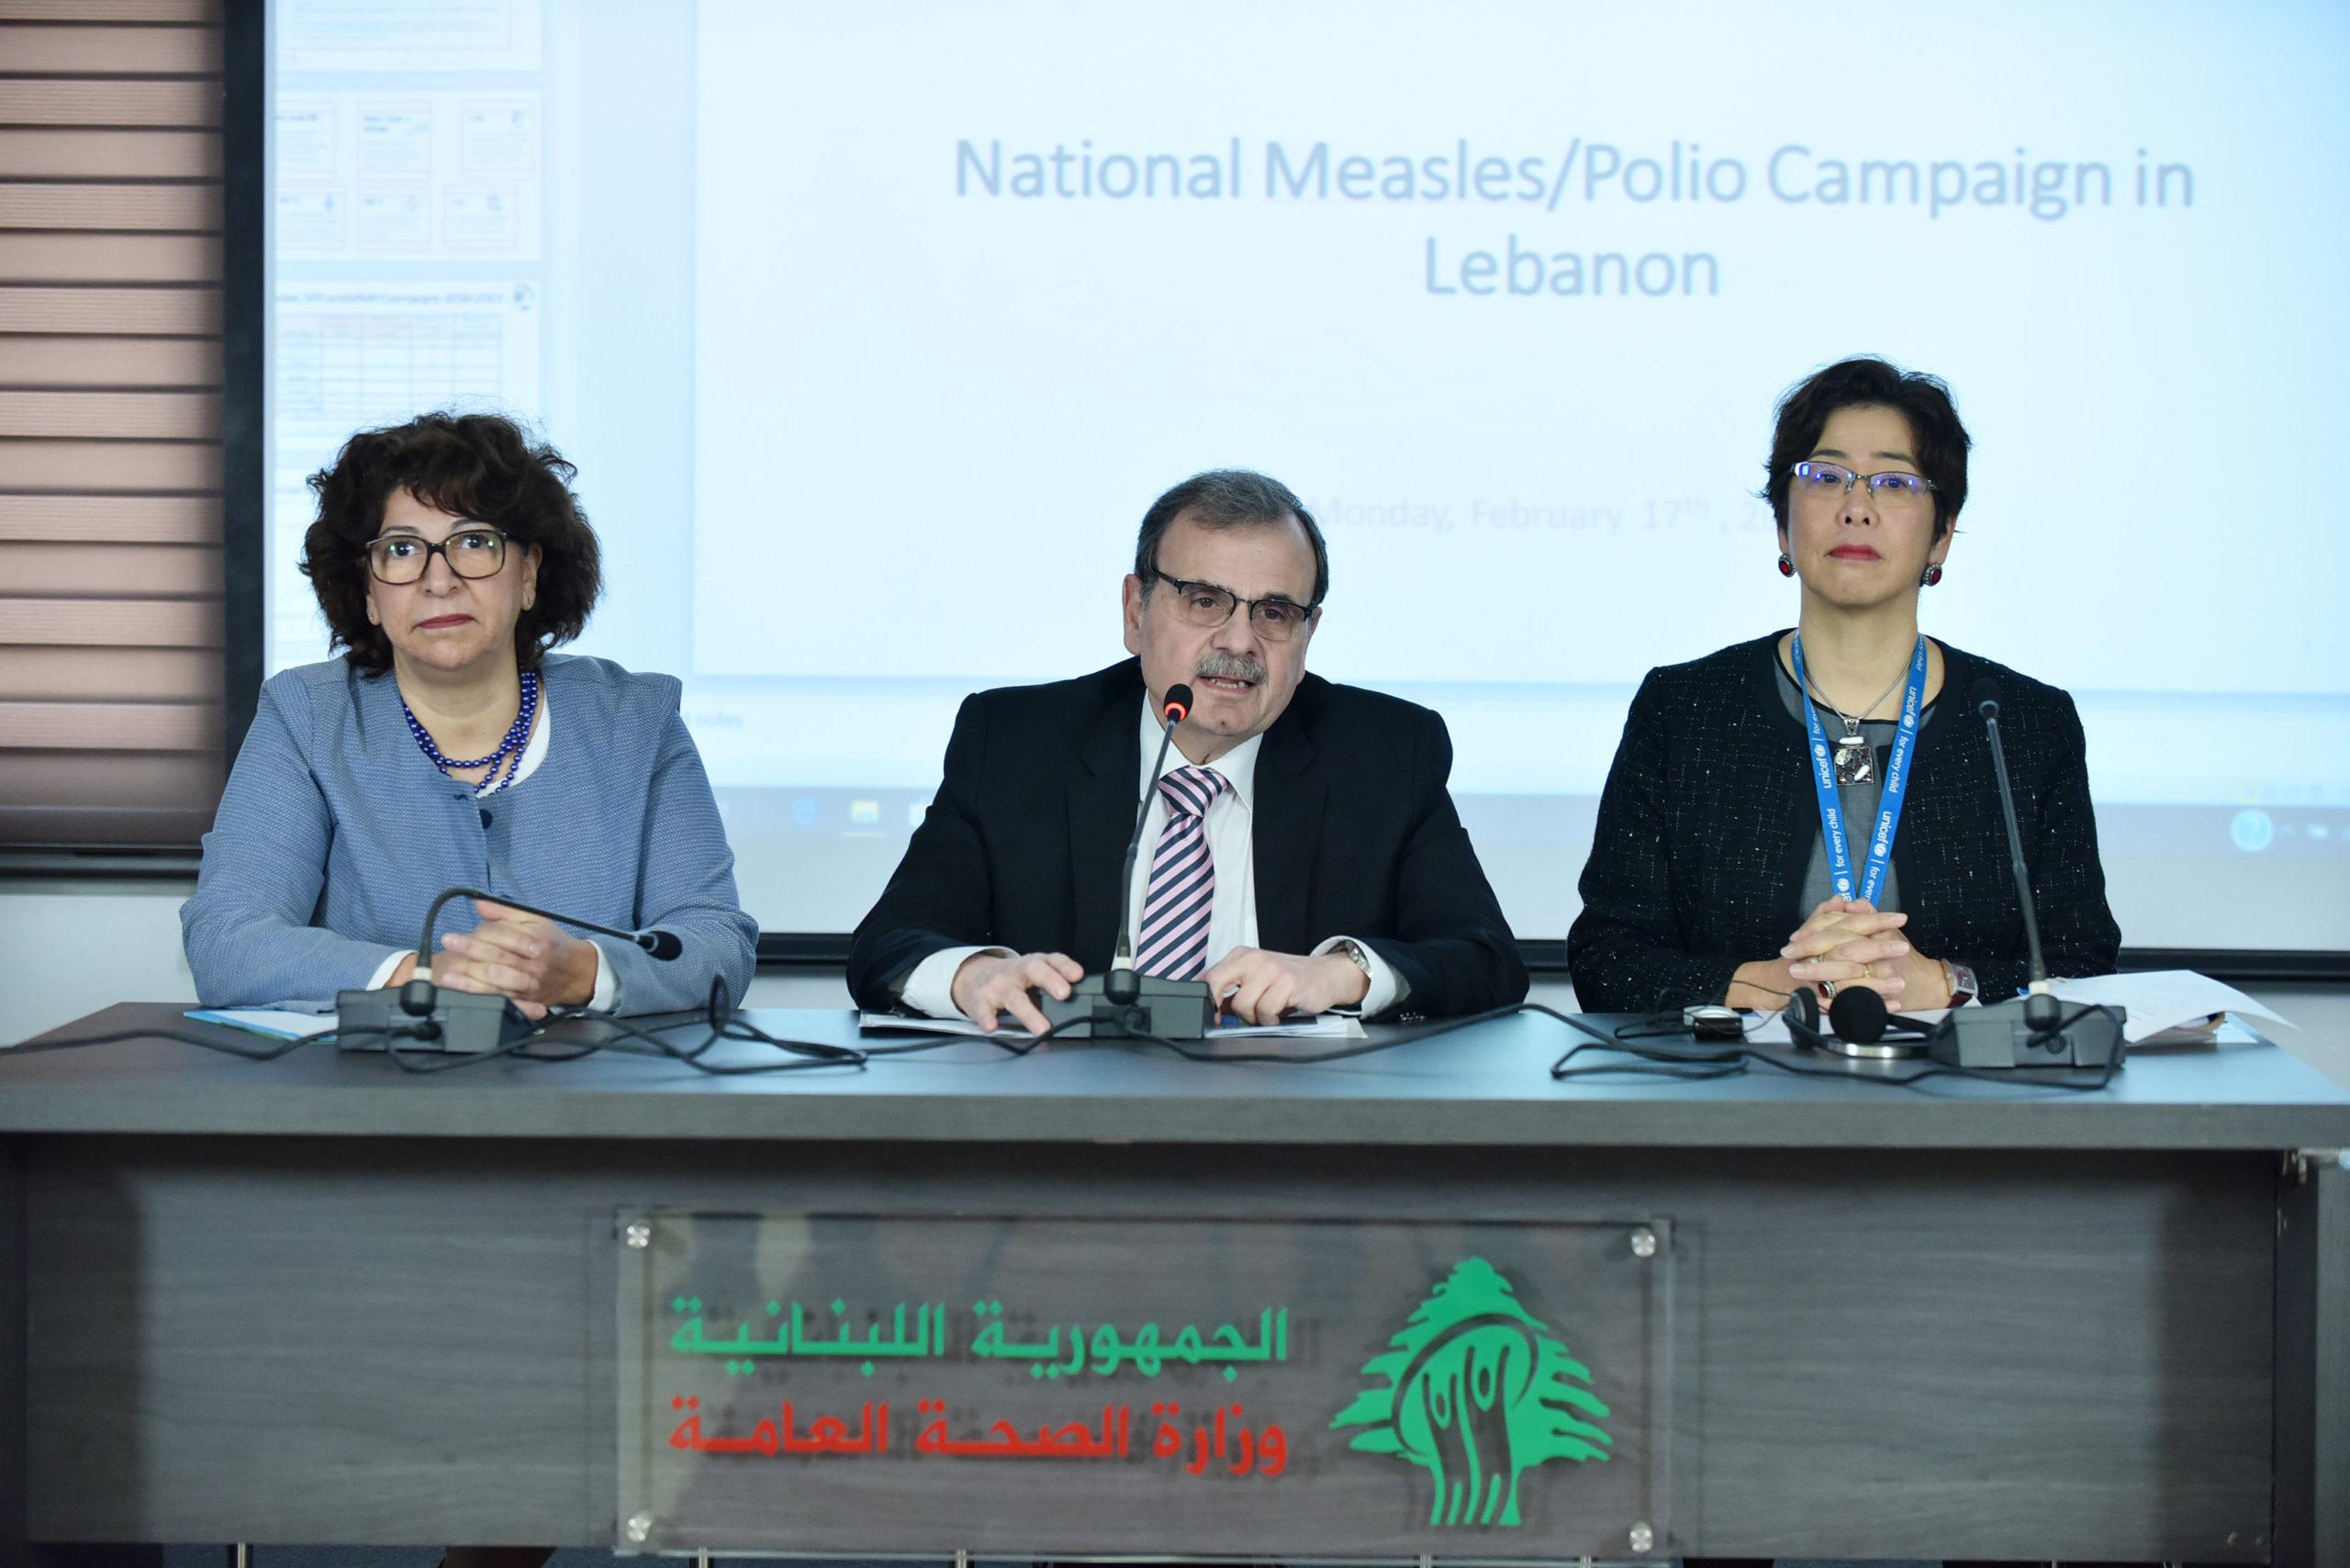 وزارة الصحة العامة والجمعية اللبنانية لطب الأطفال تدعو الأهالي الى تلقيح أولادهم ضد مرض الحصبة